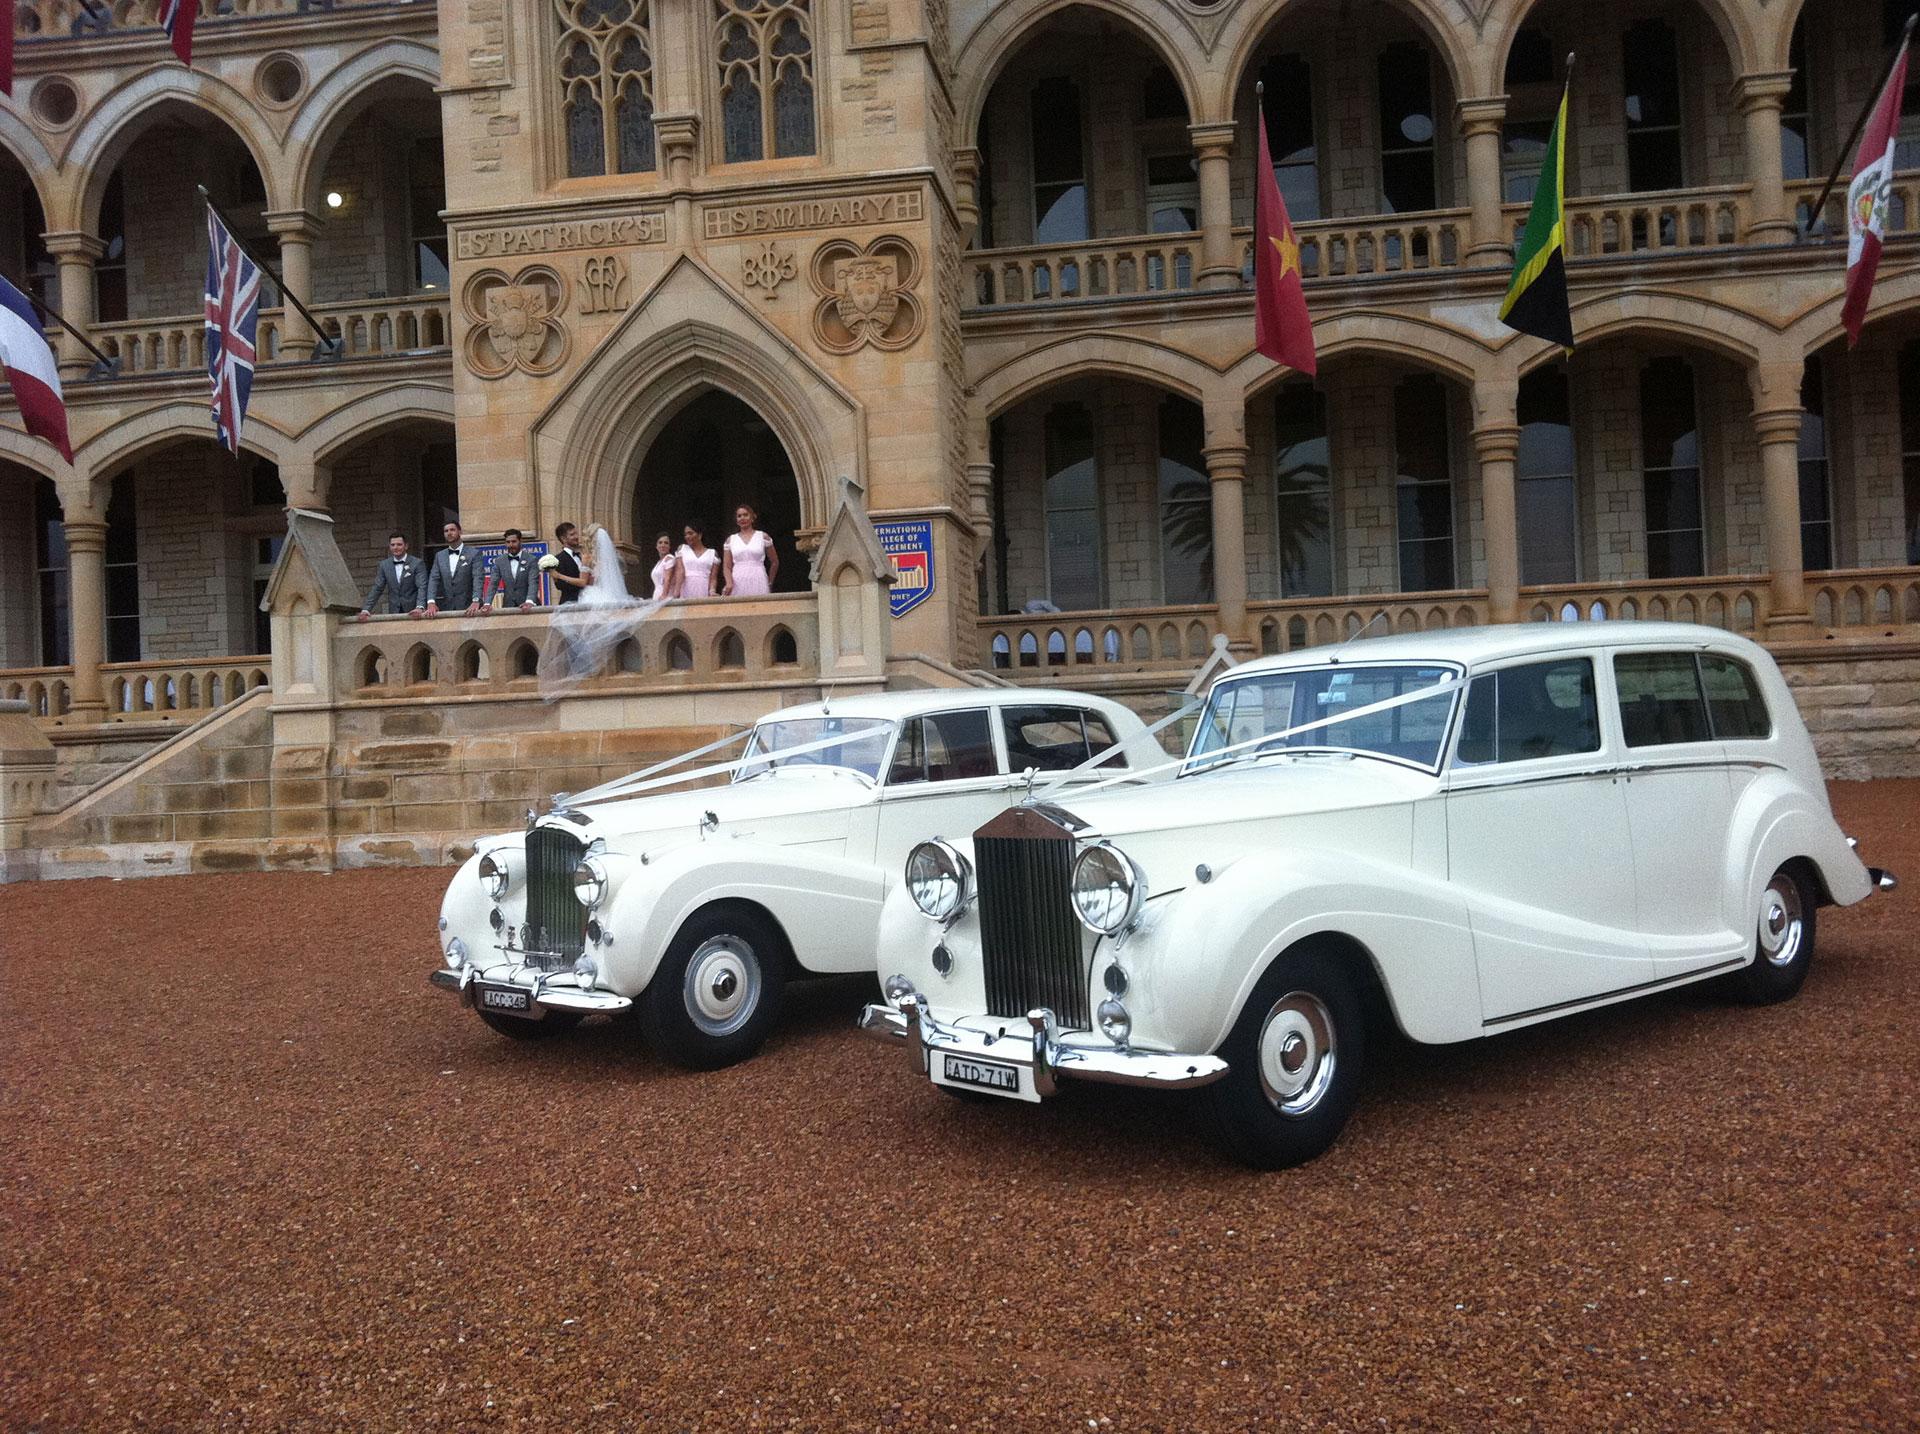 Variety Wedding Cars - Classic Wedding Car Hire Sydney